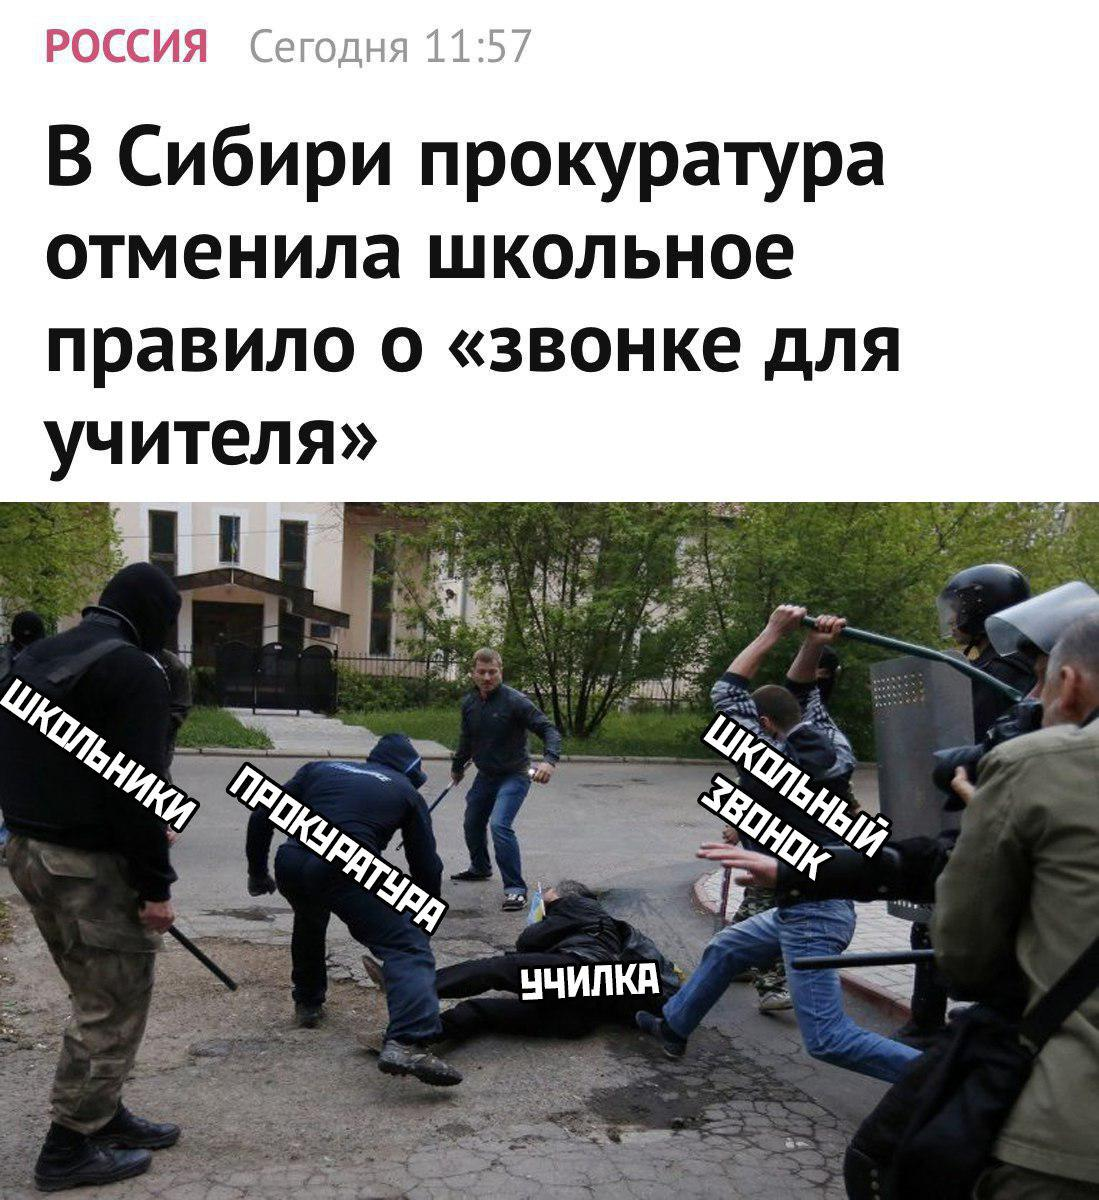 В Сибири прокуратура отменила школьные правила о